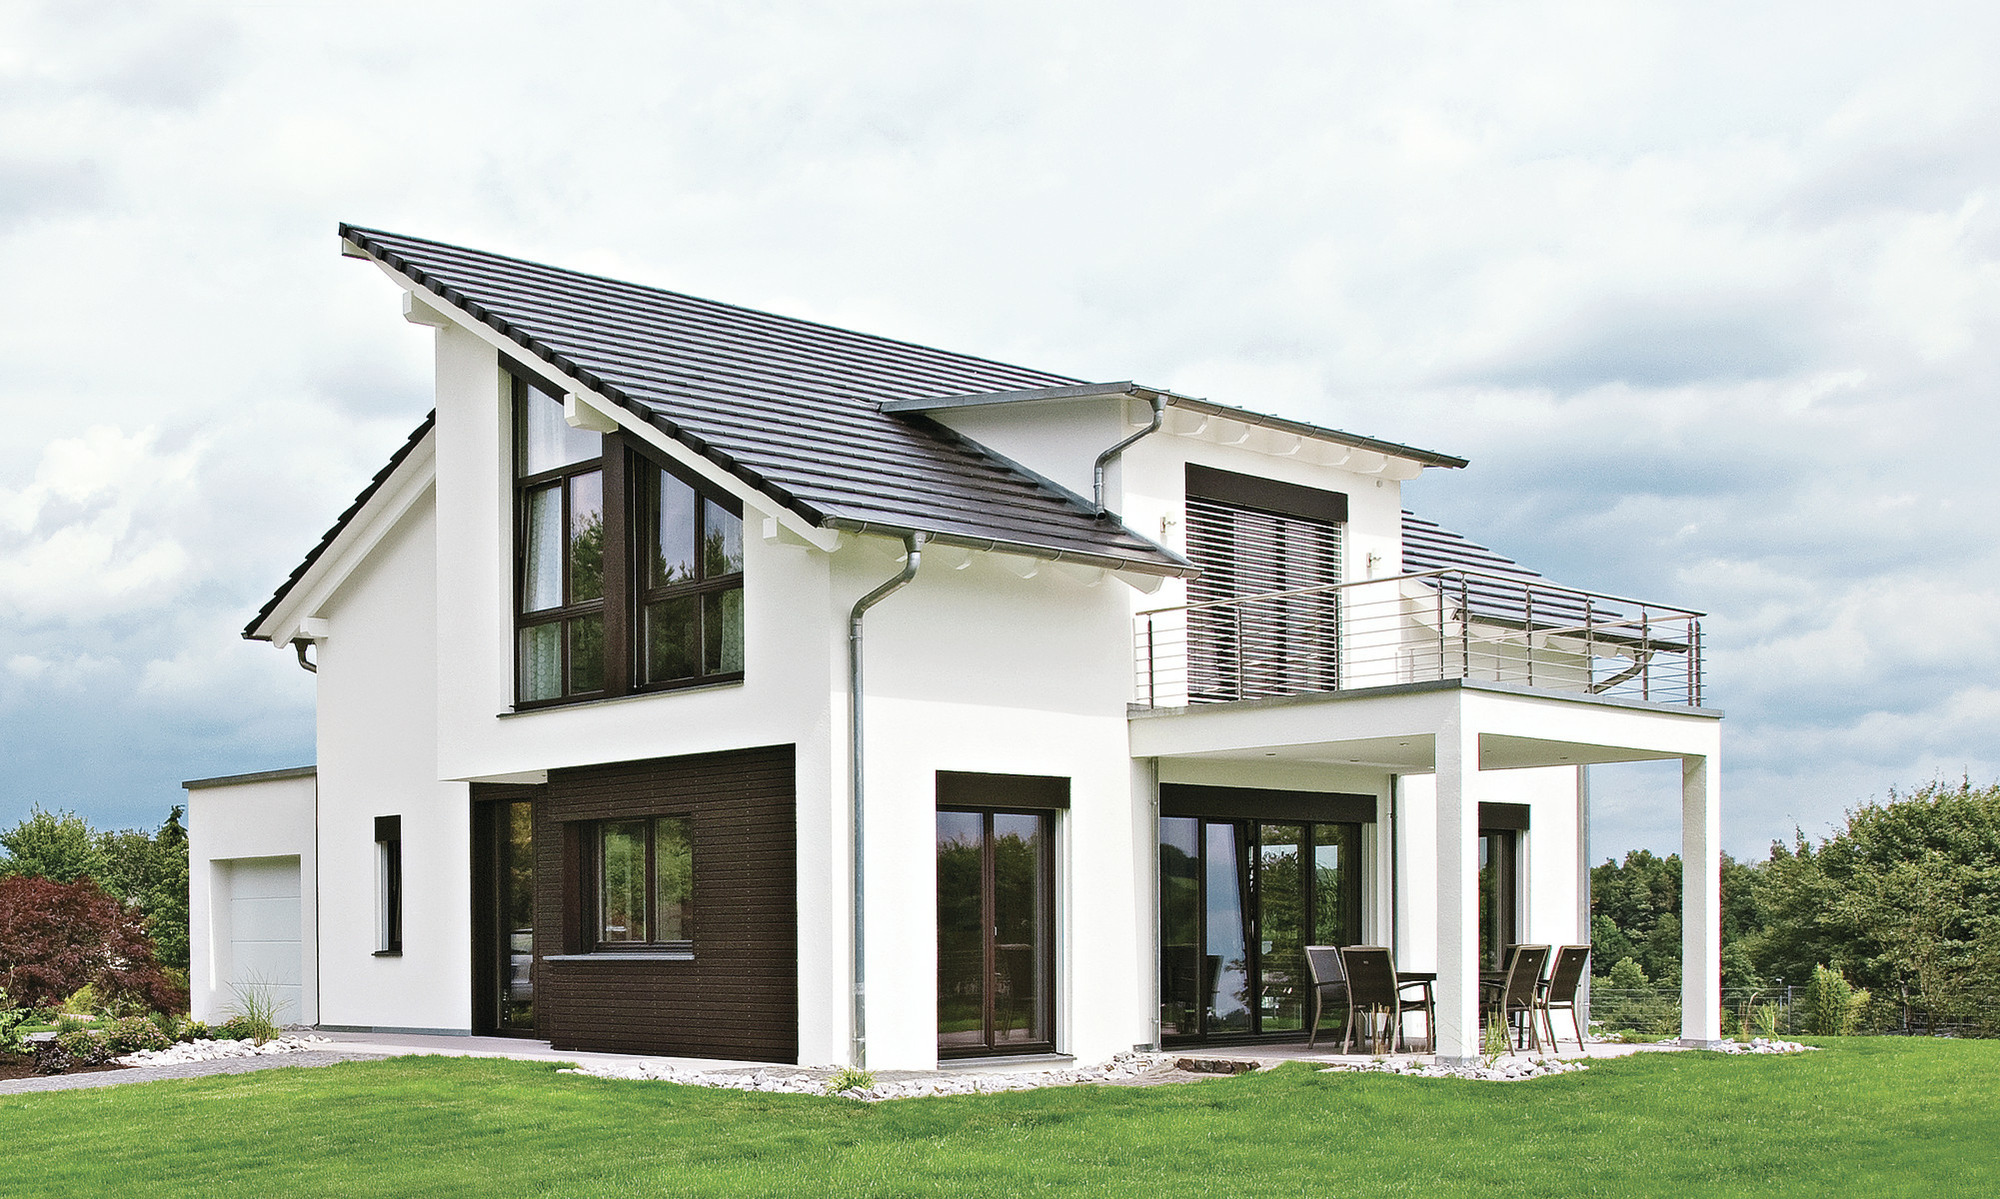 Der eineinhalb-geschossige Entwurf mit versetztem Pultdach macht das Haus zu einem besonderen Blickfang.